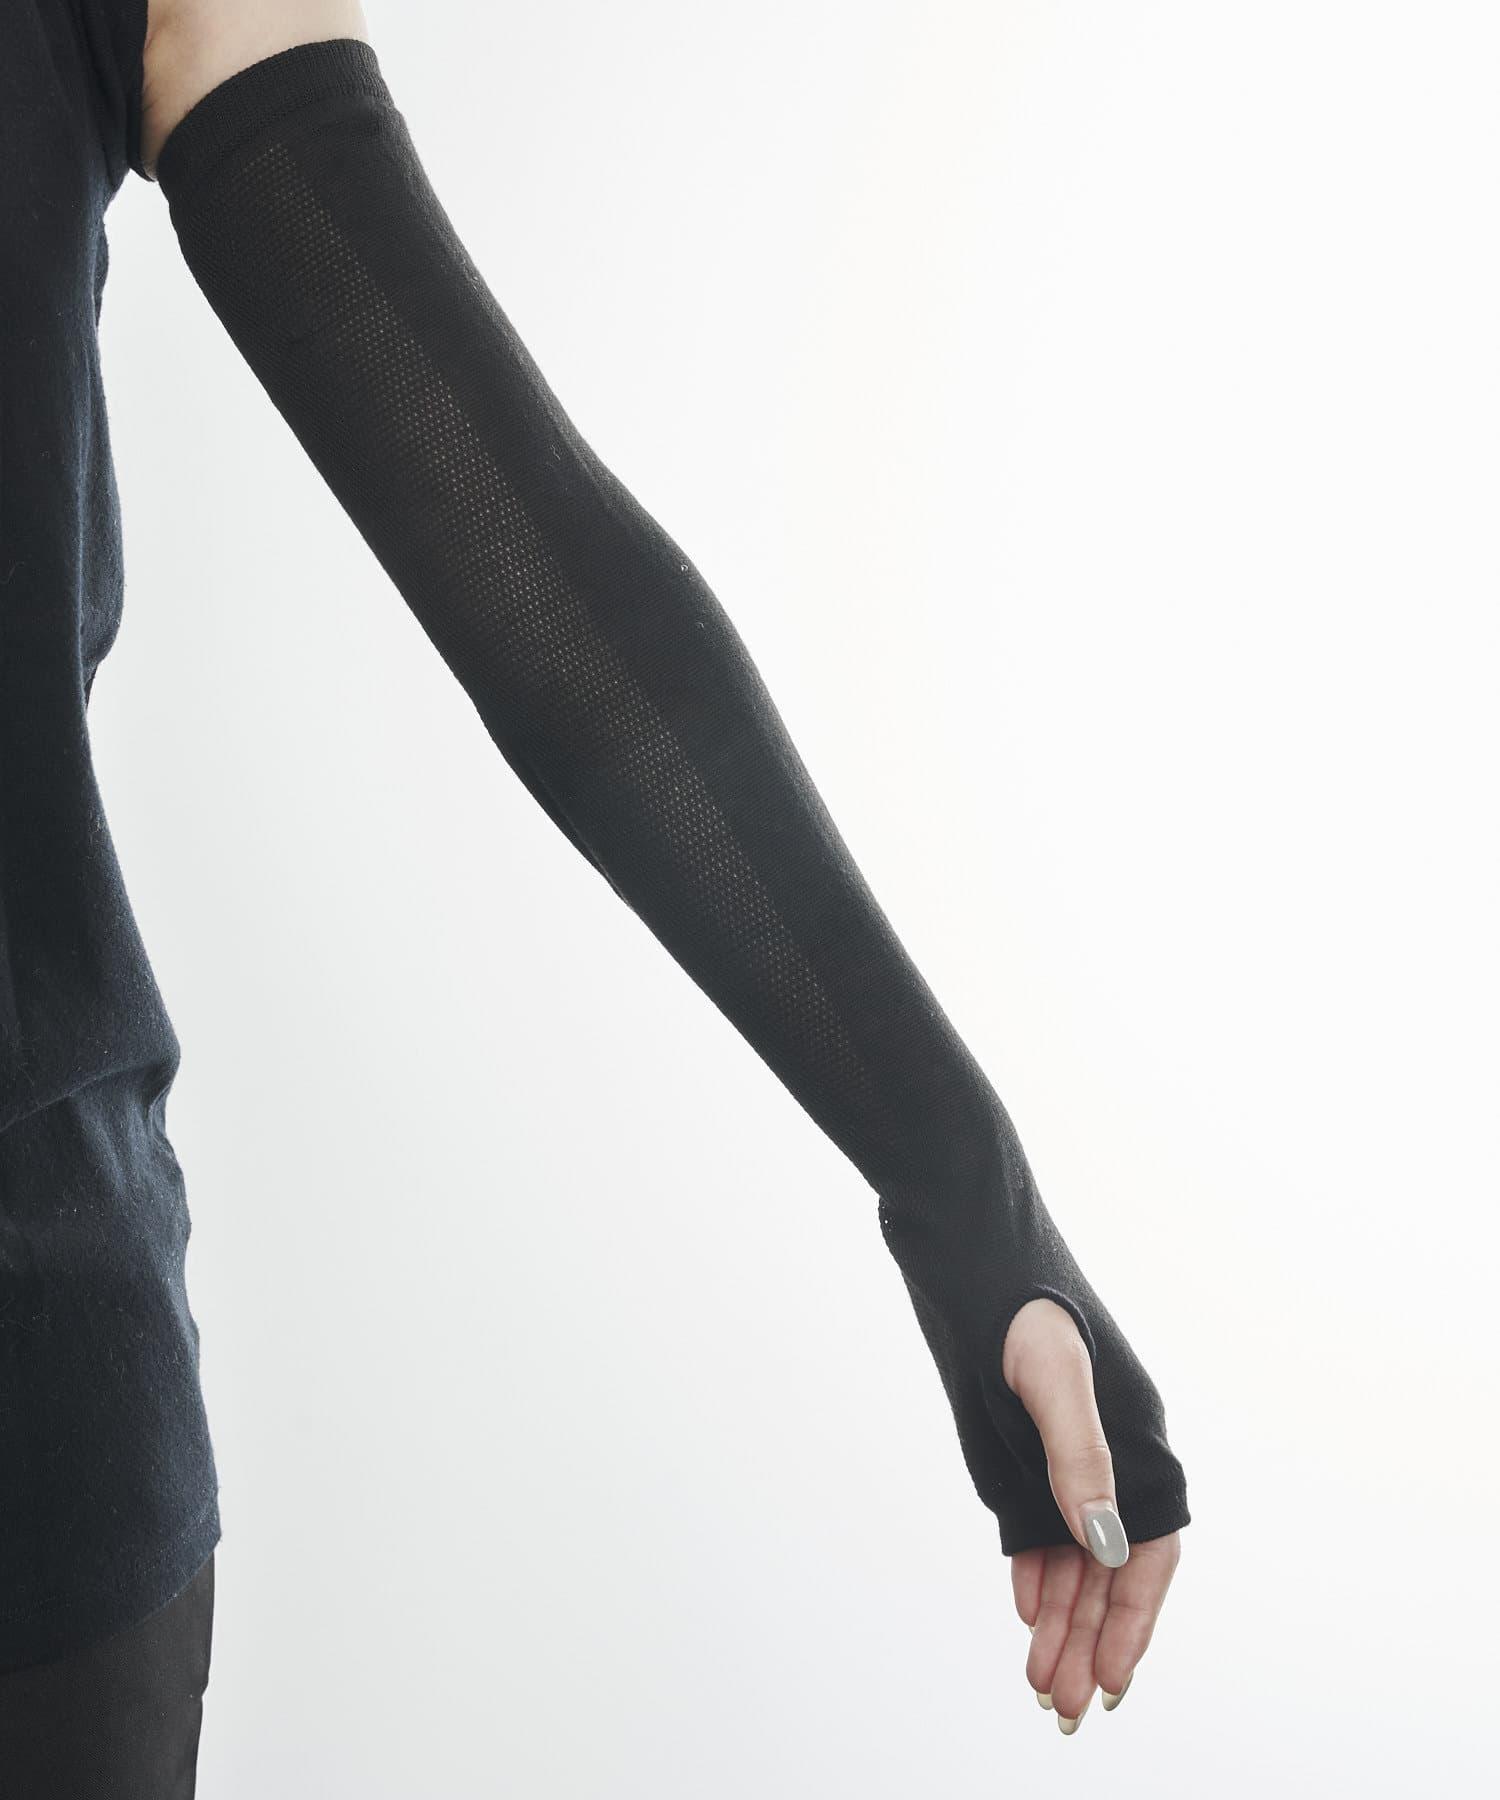 3COINS(スリーコインズ) ライフスタイル 【快適な日差し対策】冷感アームカバー ブラック